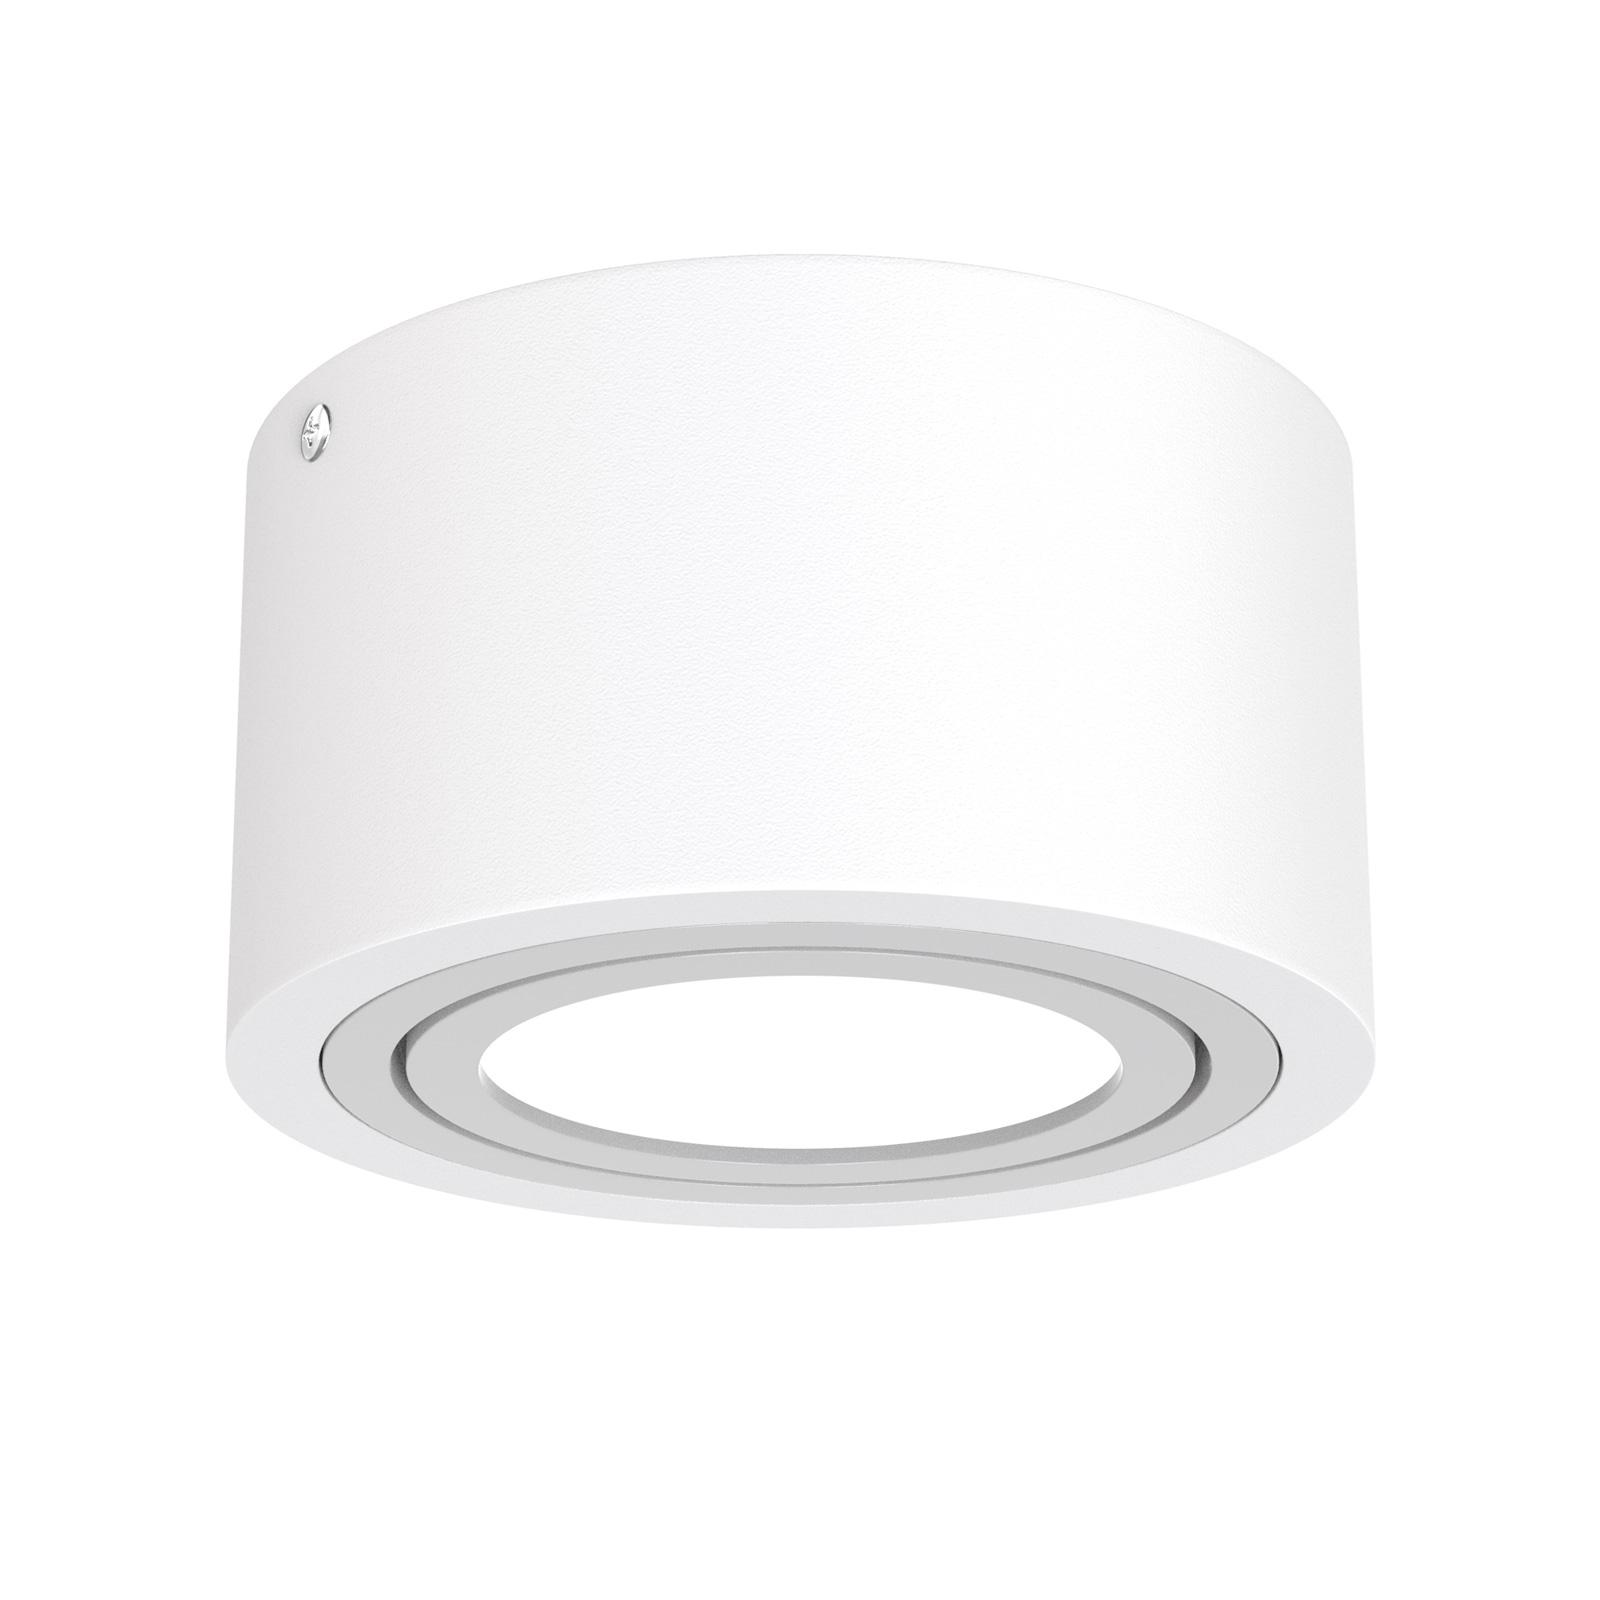 LED-Deckenstrahler Tube 7121-016 in Weiß